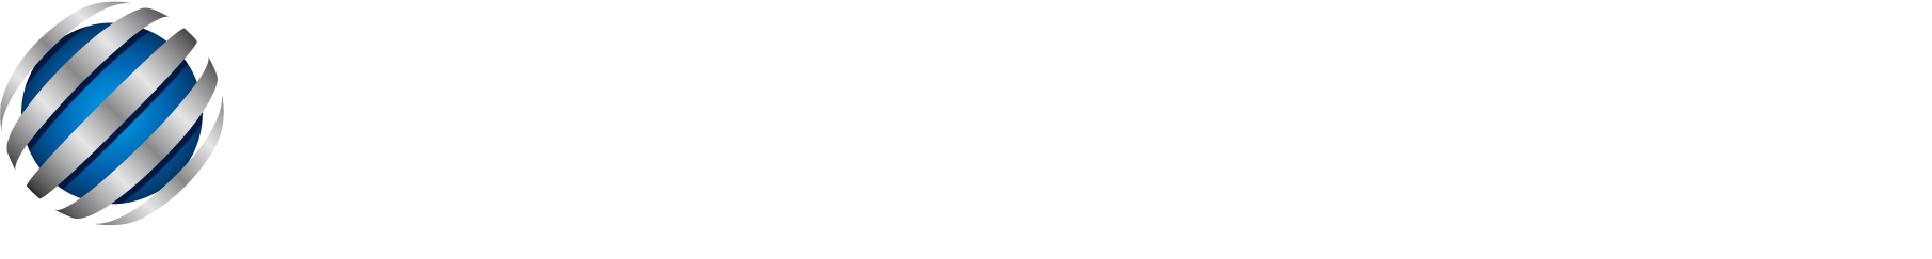 南国システムサービス株式会社